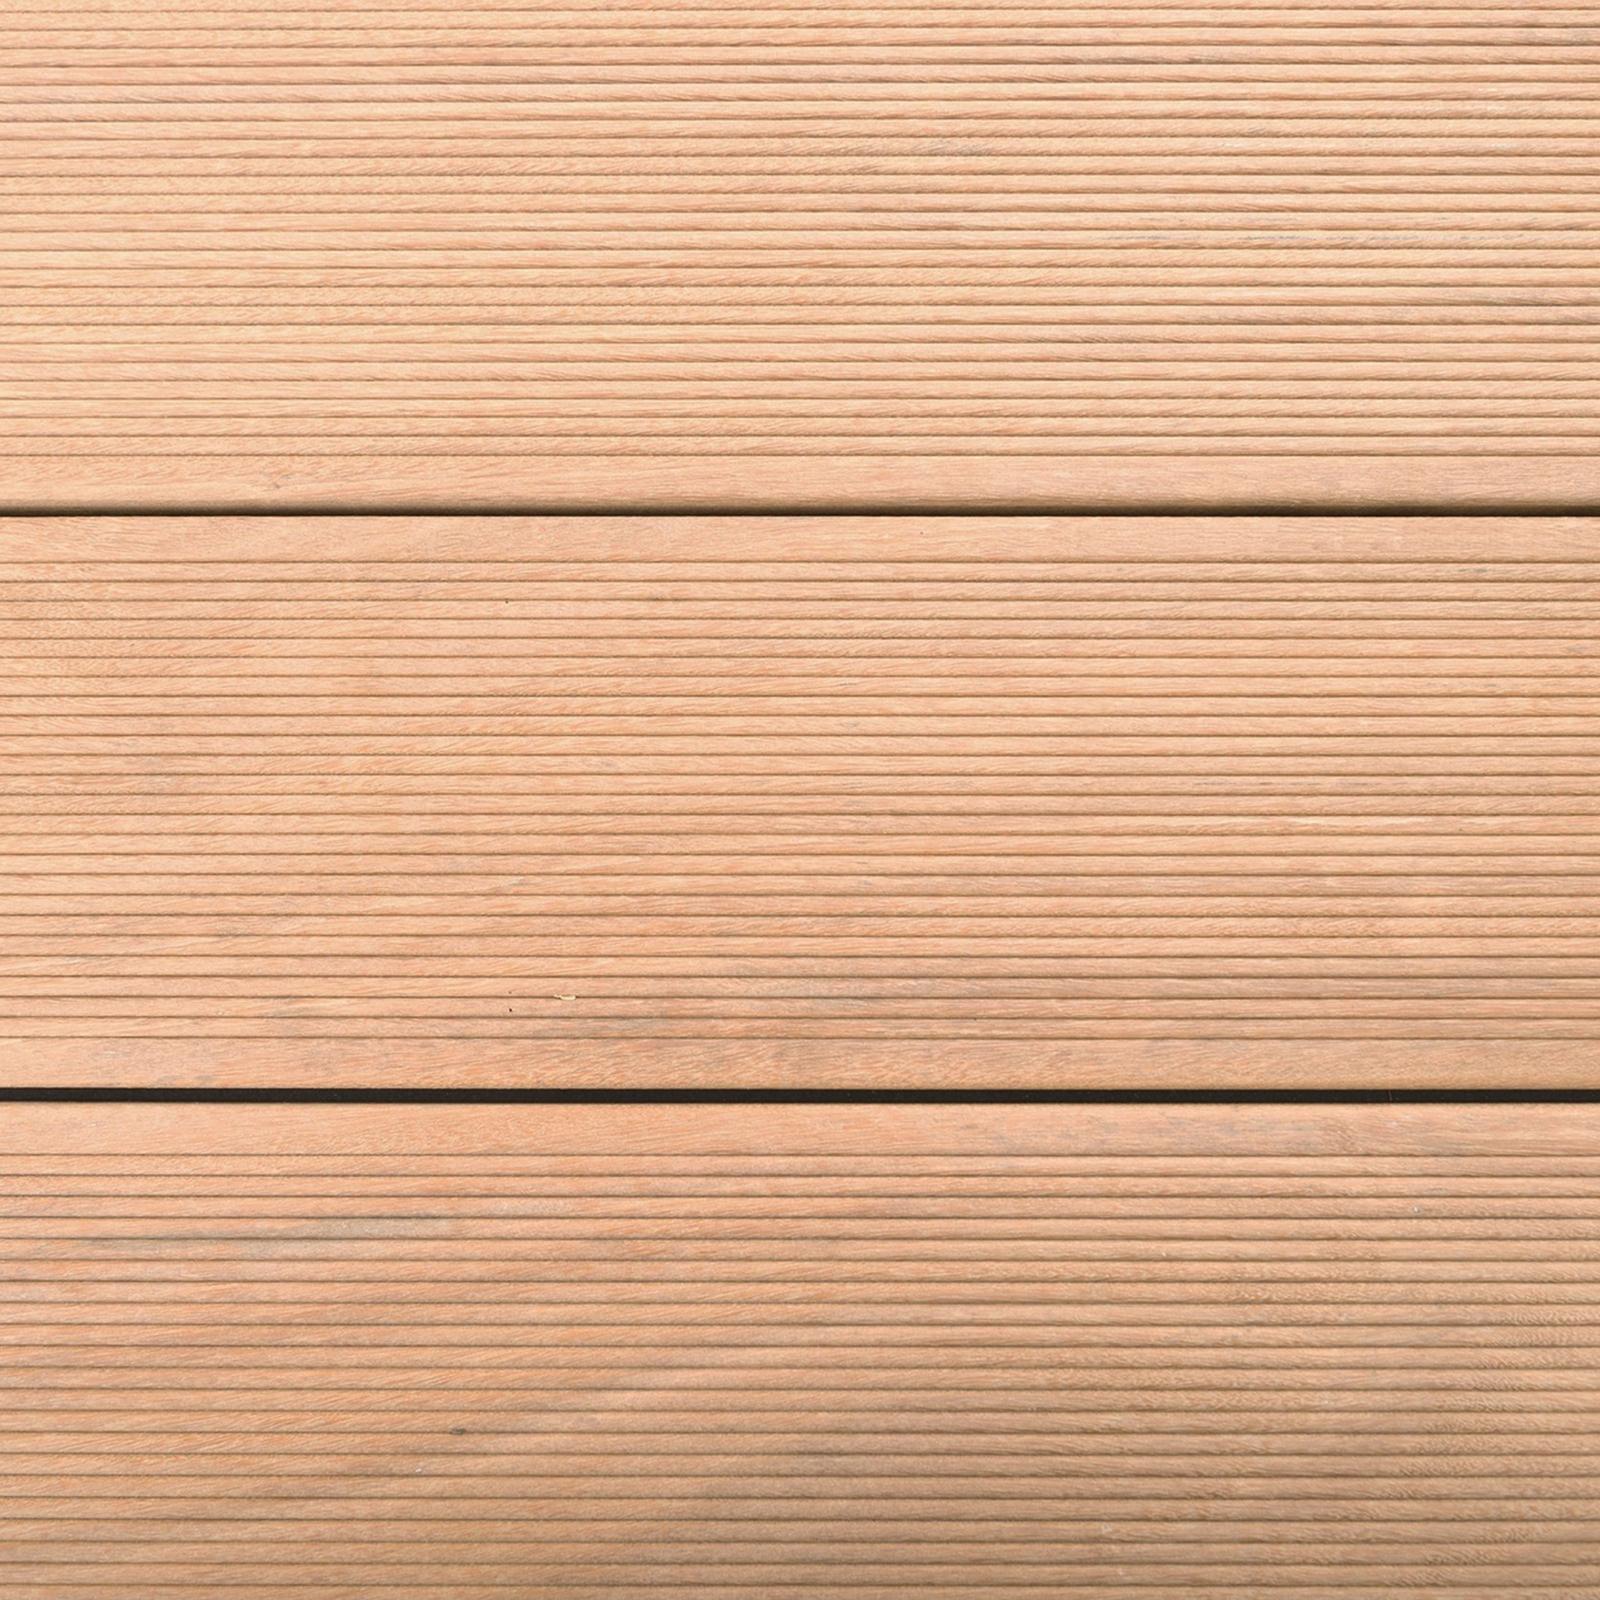 Bangkirai-Terrassendiele-Premium-massiv-Holz-Komplettset-Komplettbausatz-5-52-m